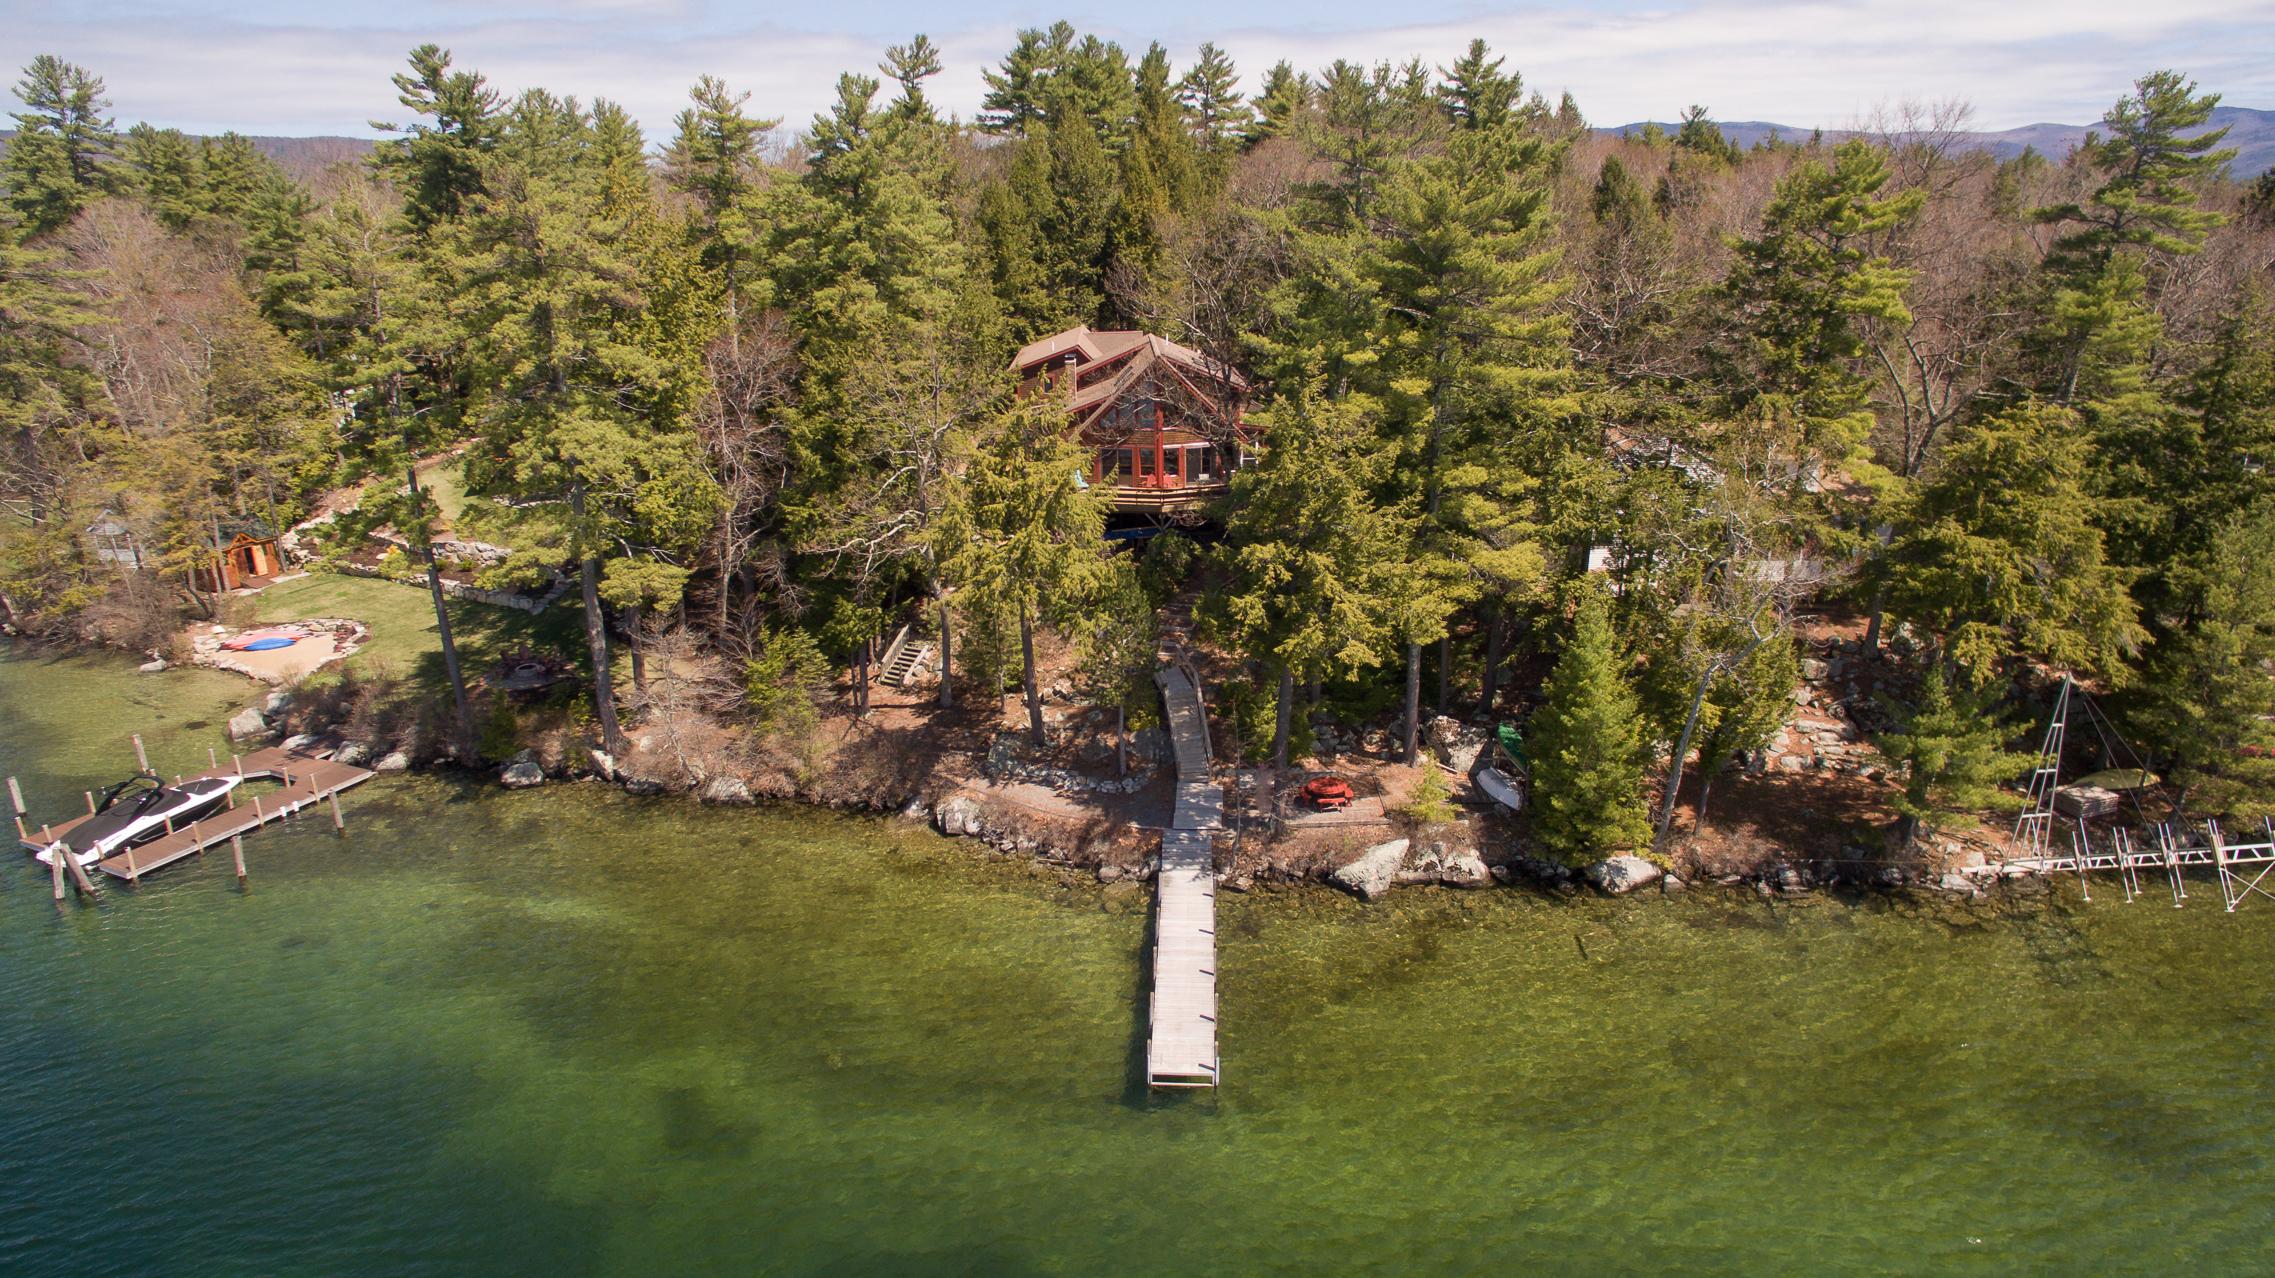 Maison unifamiliale pour l Vente à 17 Grassy Pond Rd, Moultonborough Moultonborough, New Hampshire, 03254 États-Unis